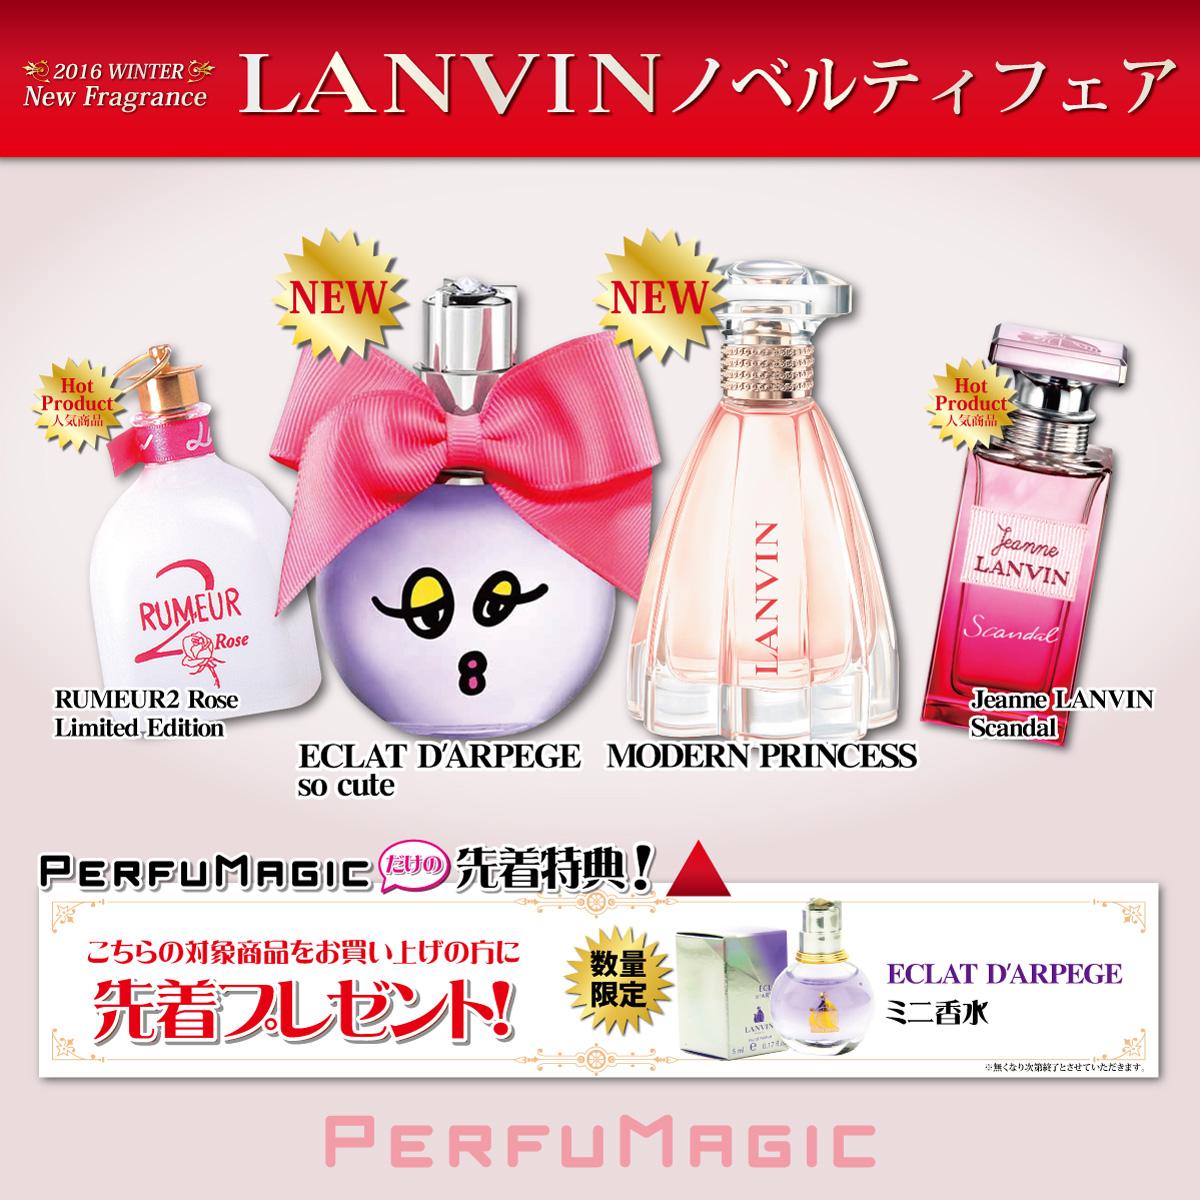 lanvin-fair